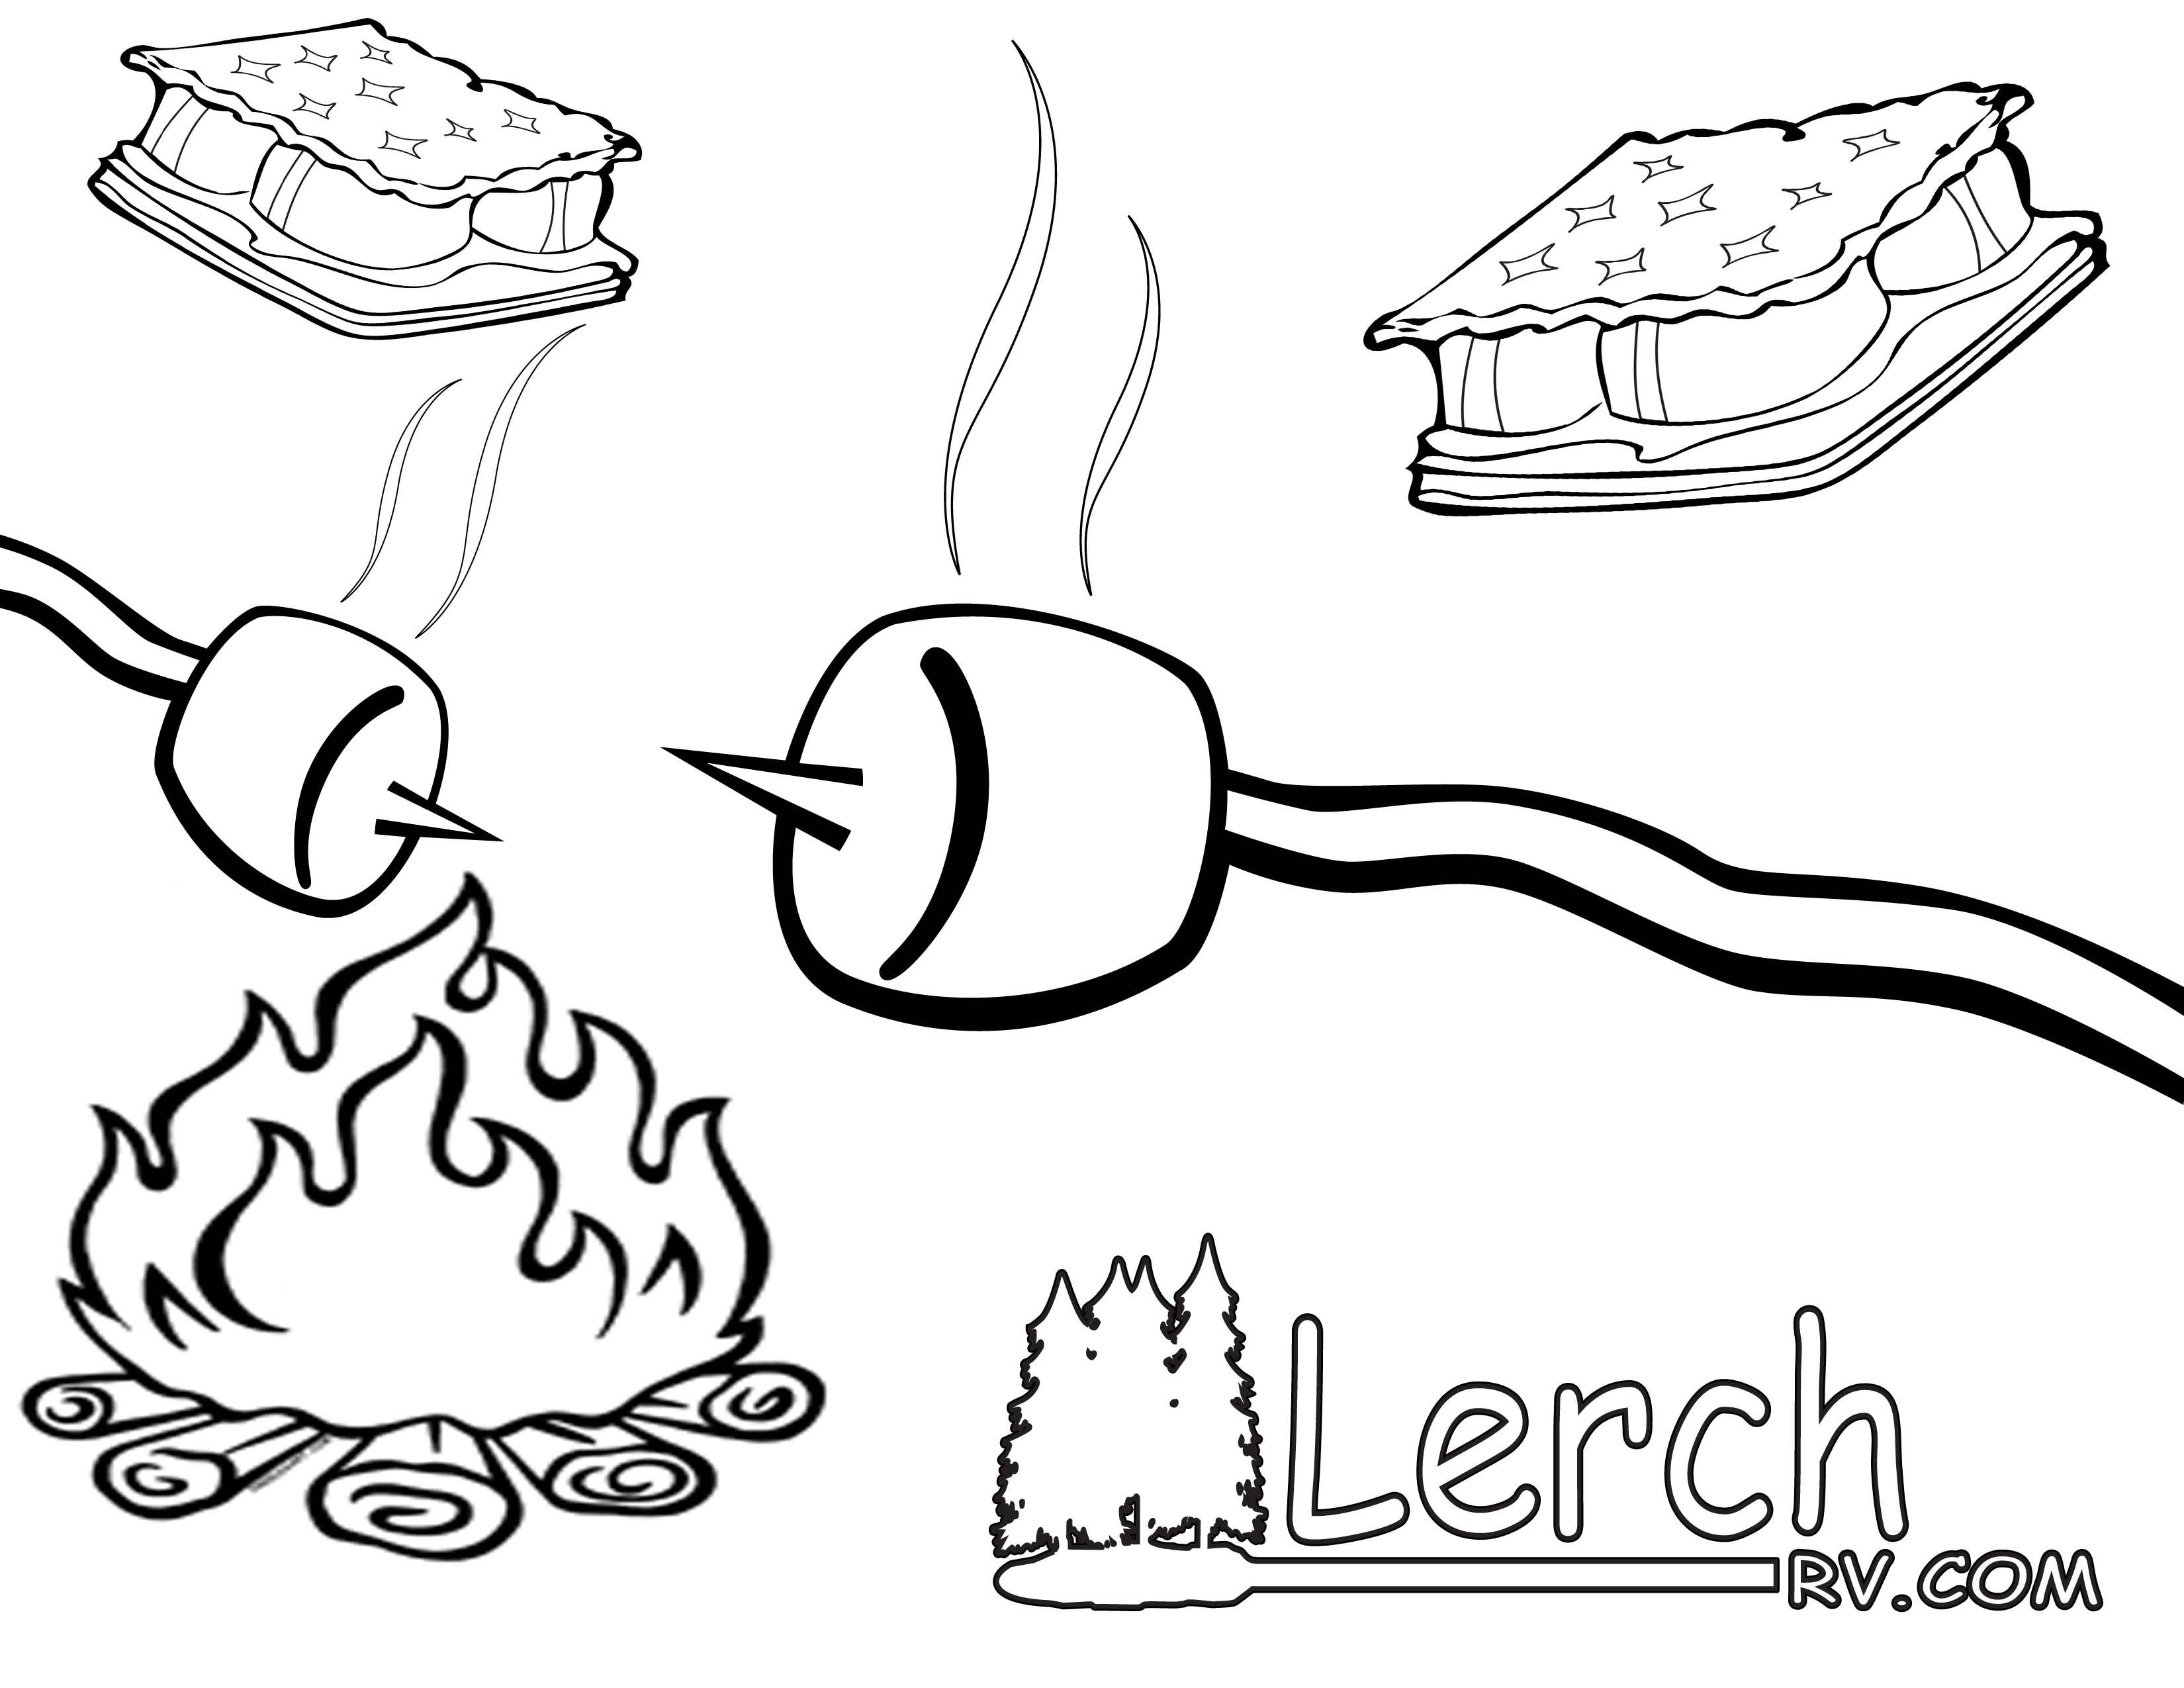 Campfire clipart random Search on invite art Clip